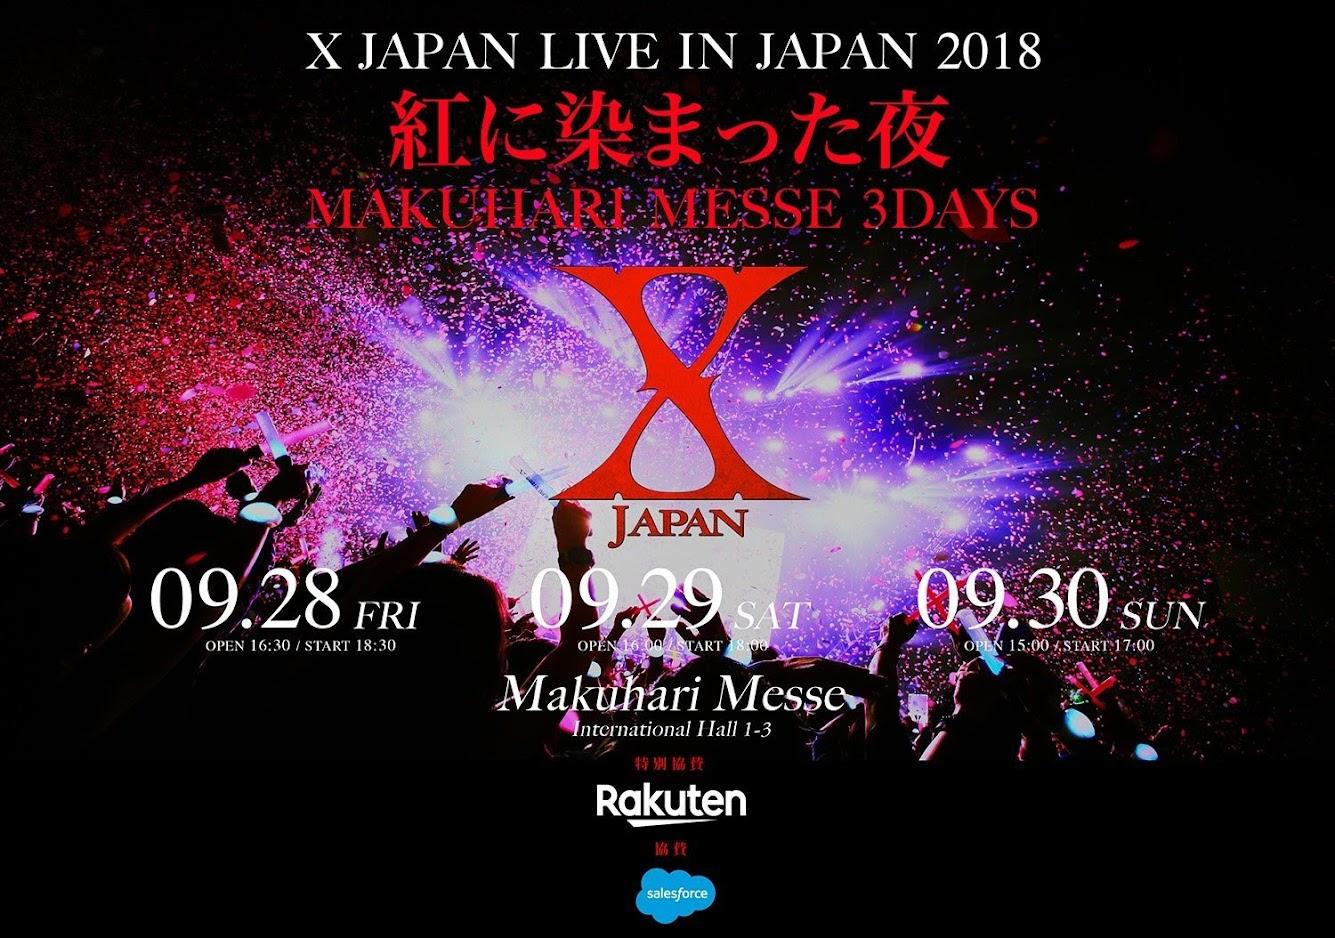 XJAPAN LIVE IN JAPAN 2018 紅に染まった夜 DAY3 セットリスト